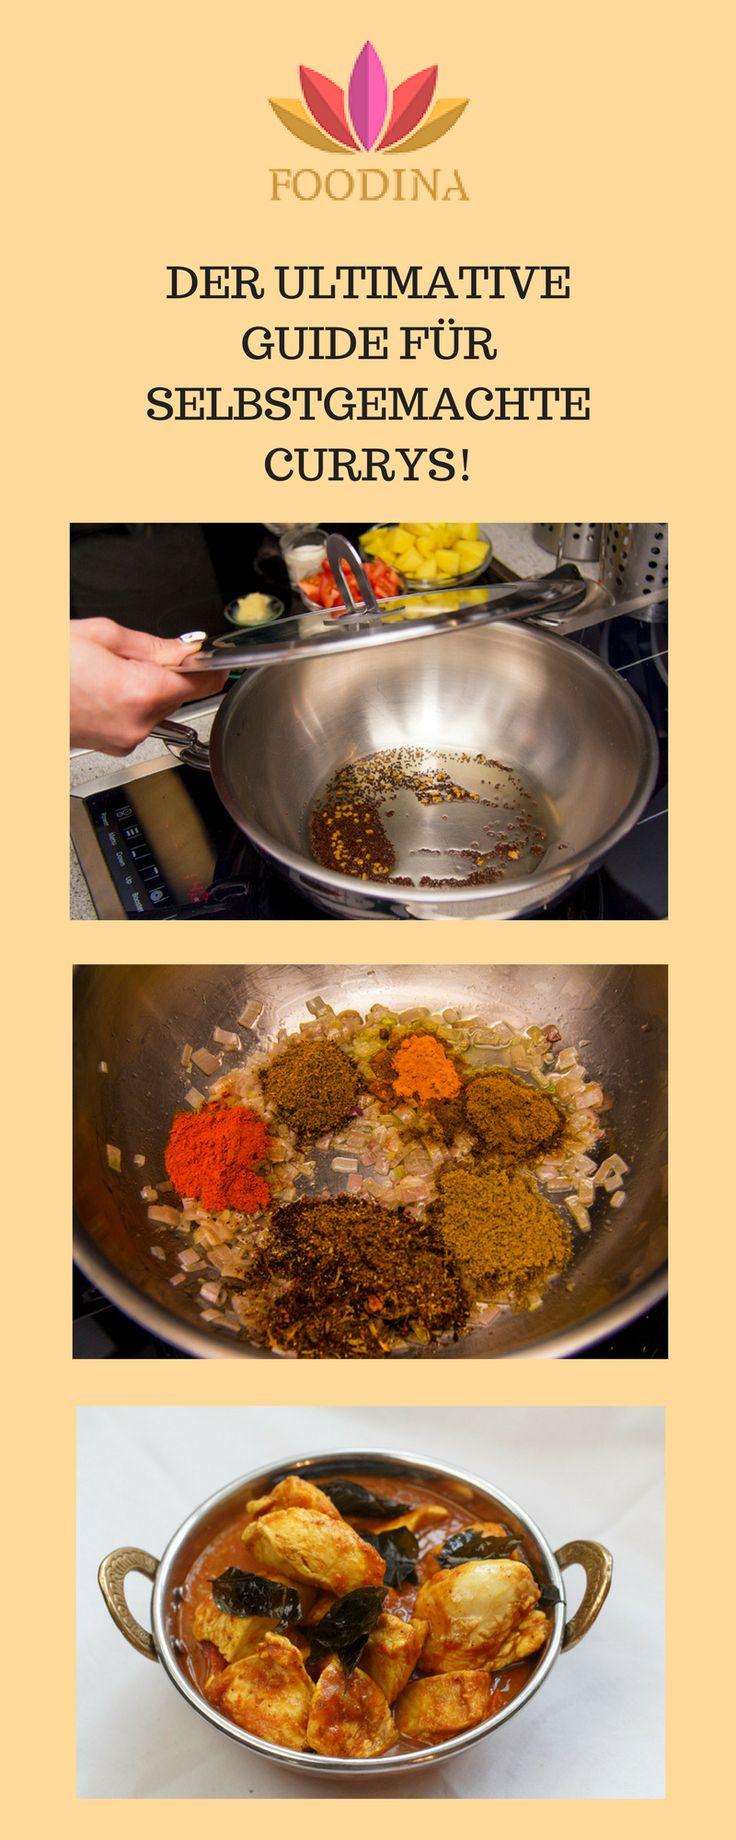 Die ultimative Anleitung, wie du ganz einfach indische Currys selber machen kannst!